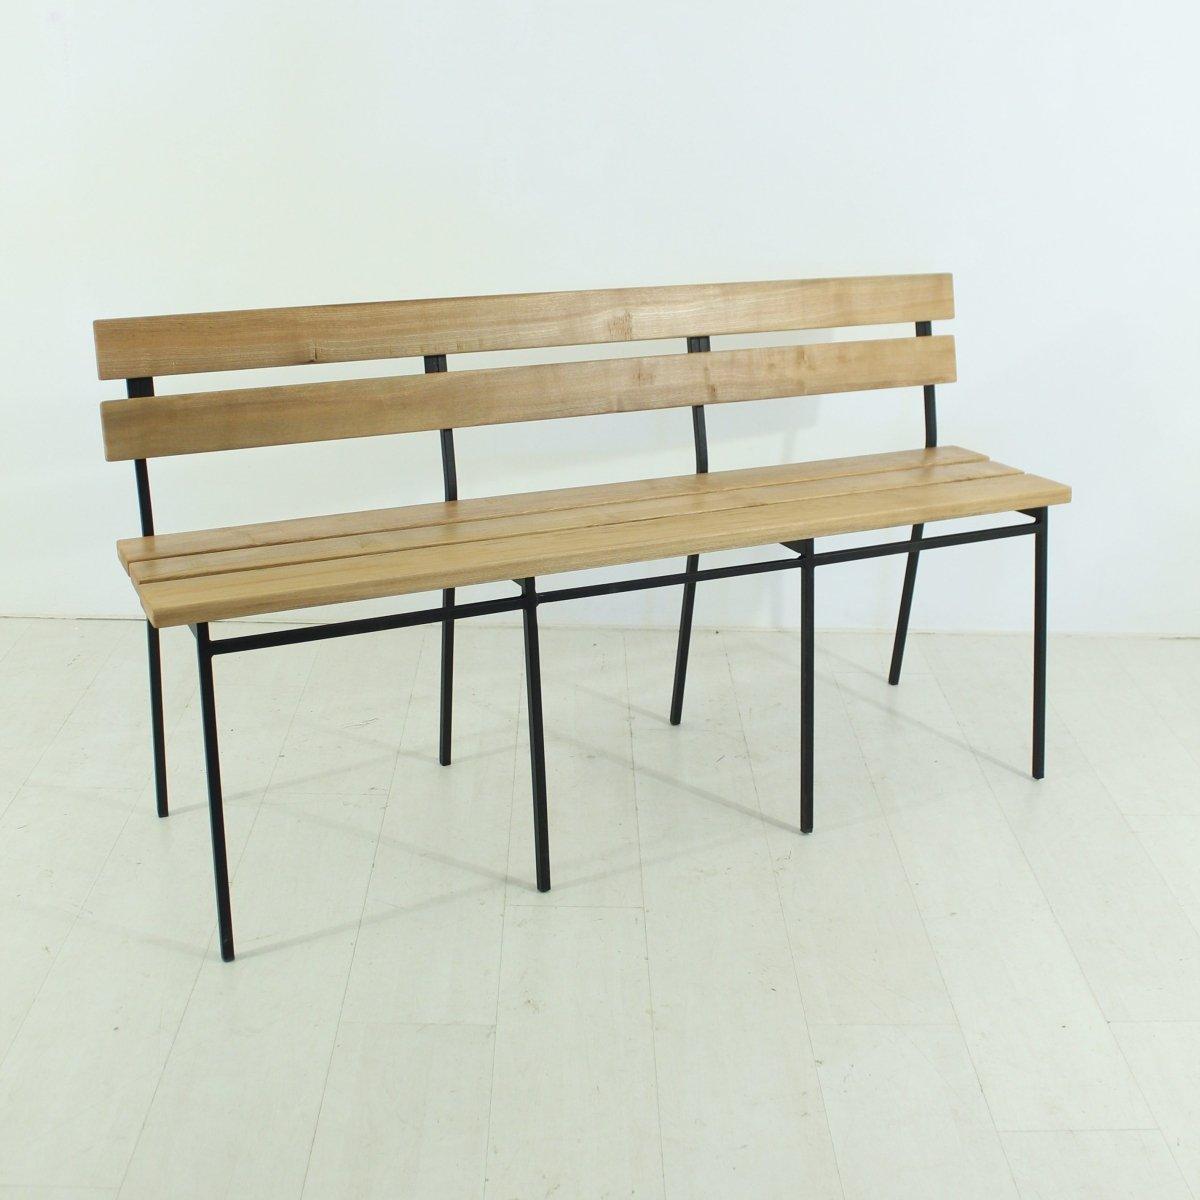 banc vintage en ch ne avec dossier 1960s en vente sur pamono. Black Bedroom Furniture Sets. Home Design Ideas